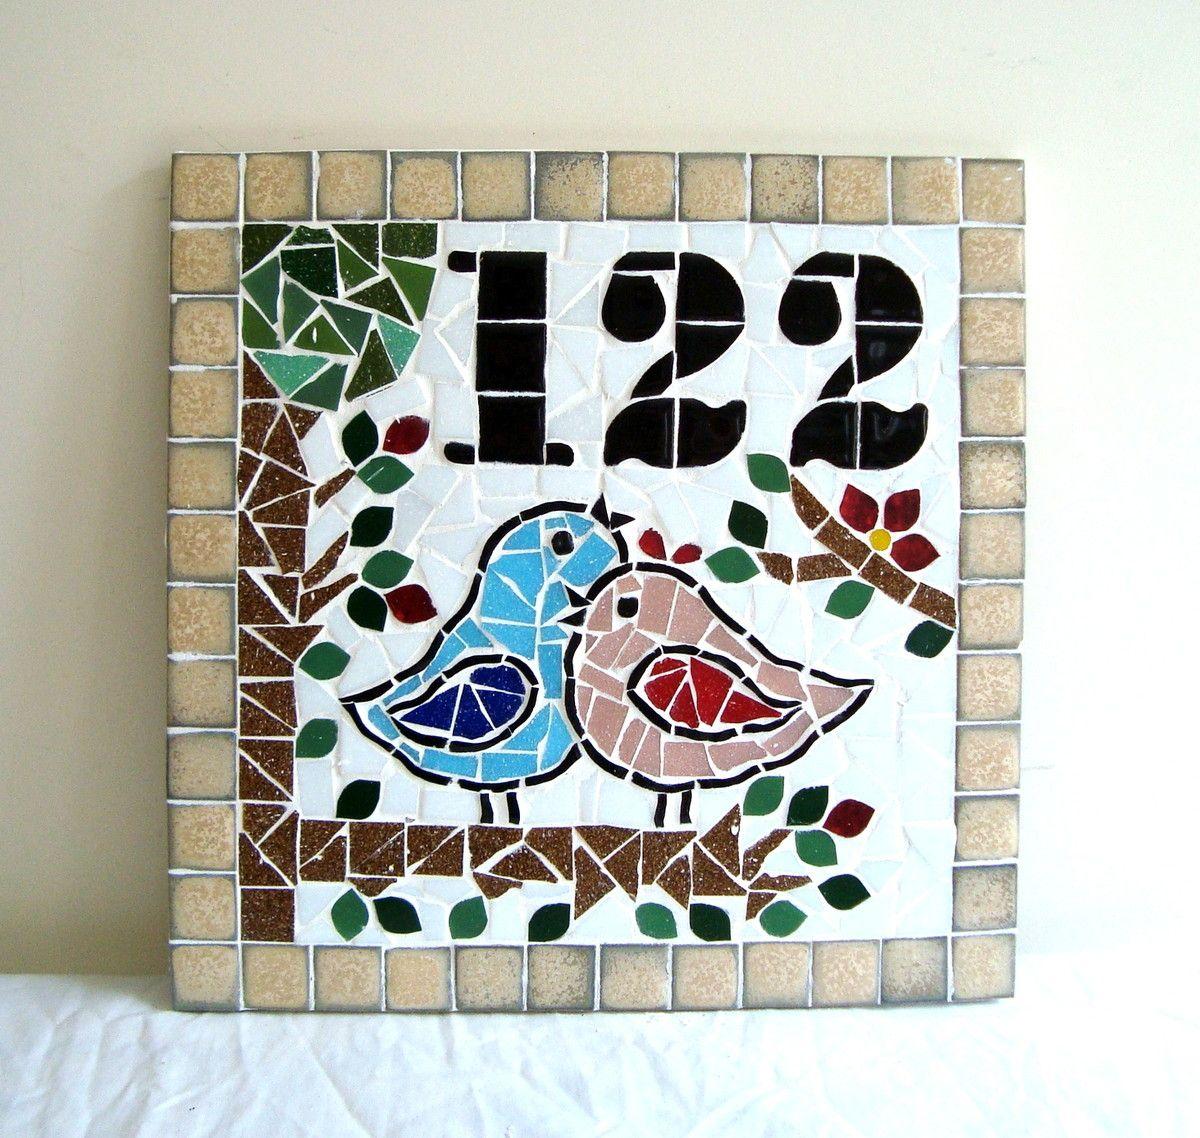 Die Besten 20 Mosaikfliesen Ideen Auf Pinterest: Die Besten 25+ Mosaico Para Piso Ideen Auf Pinterest